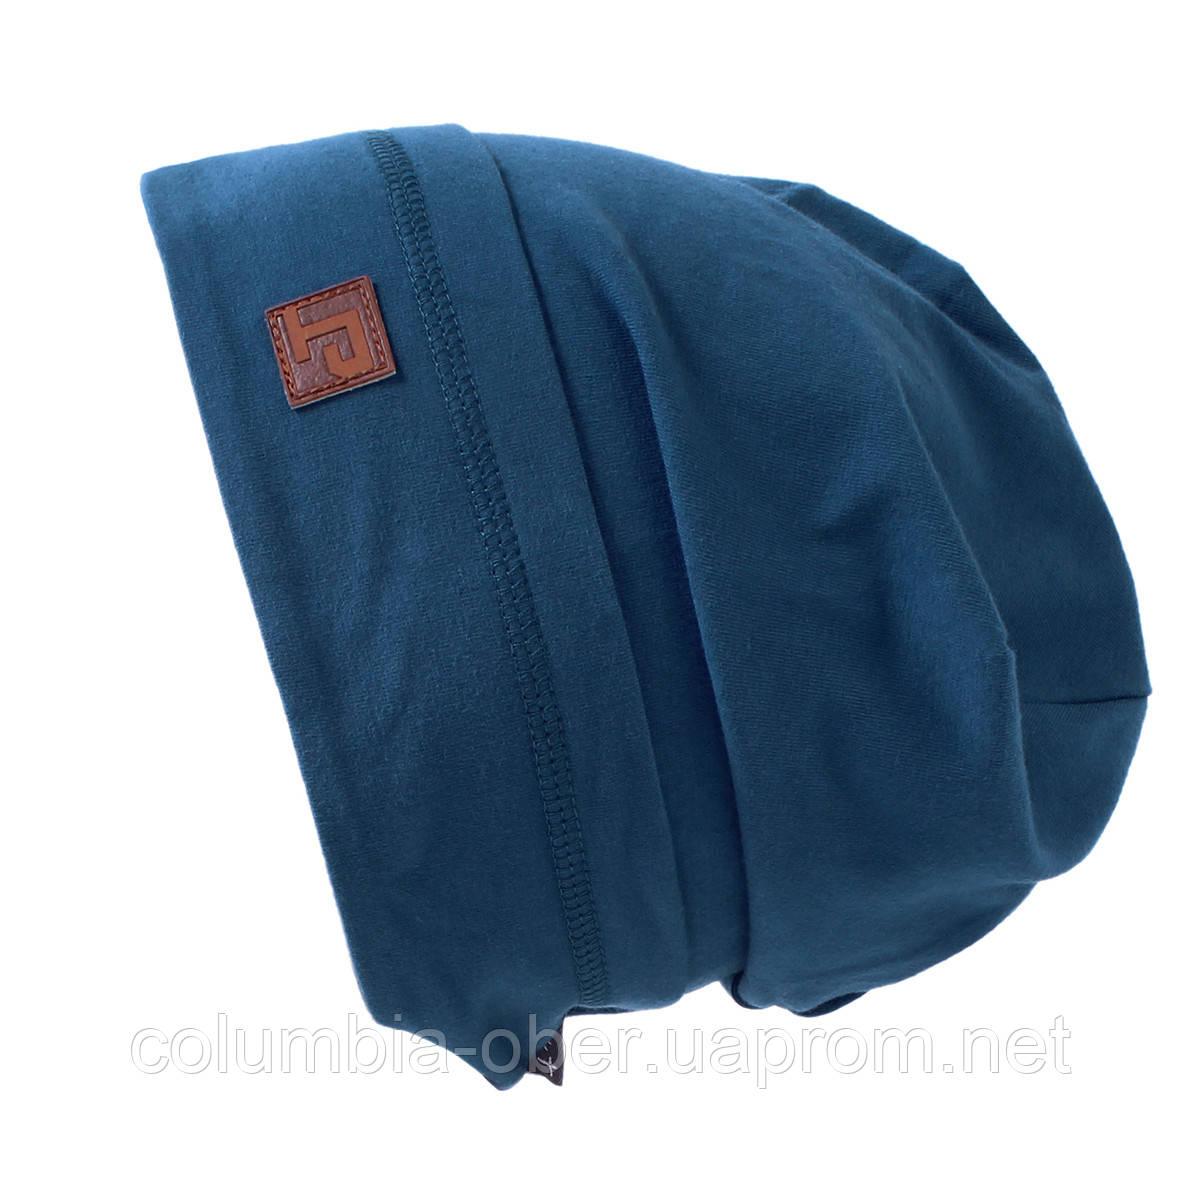 Демисезонная шапка для мальчика Peluche S18 TU 63 CEG Flash Fjord. Размер 6/8.